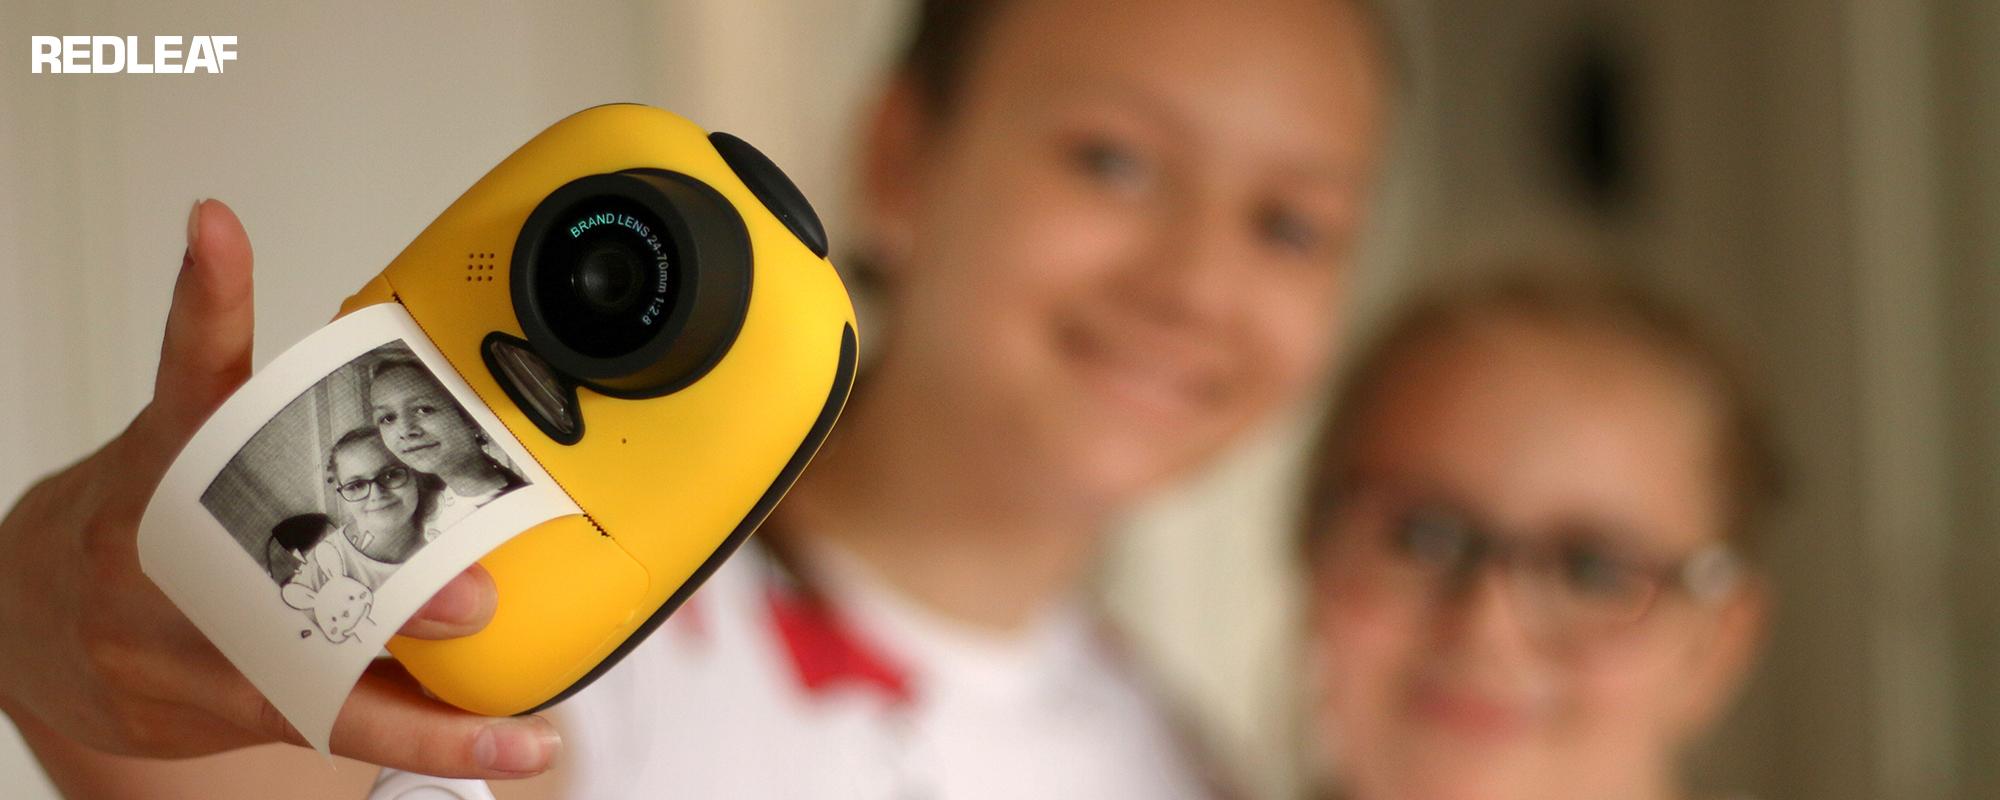 Aparat fotograficzny z drukarką dla dzieci Redleaf BOB w trakcie robienia zdjęcia dwóm dziewczynką